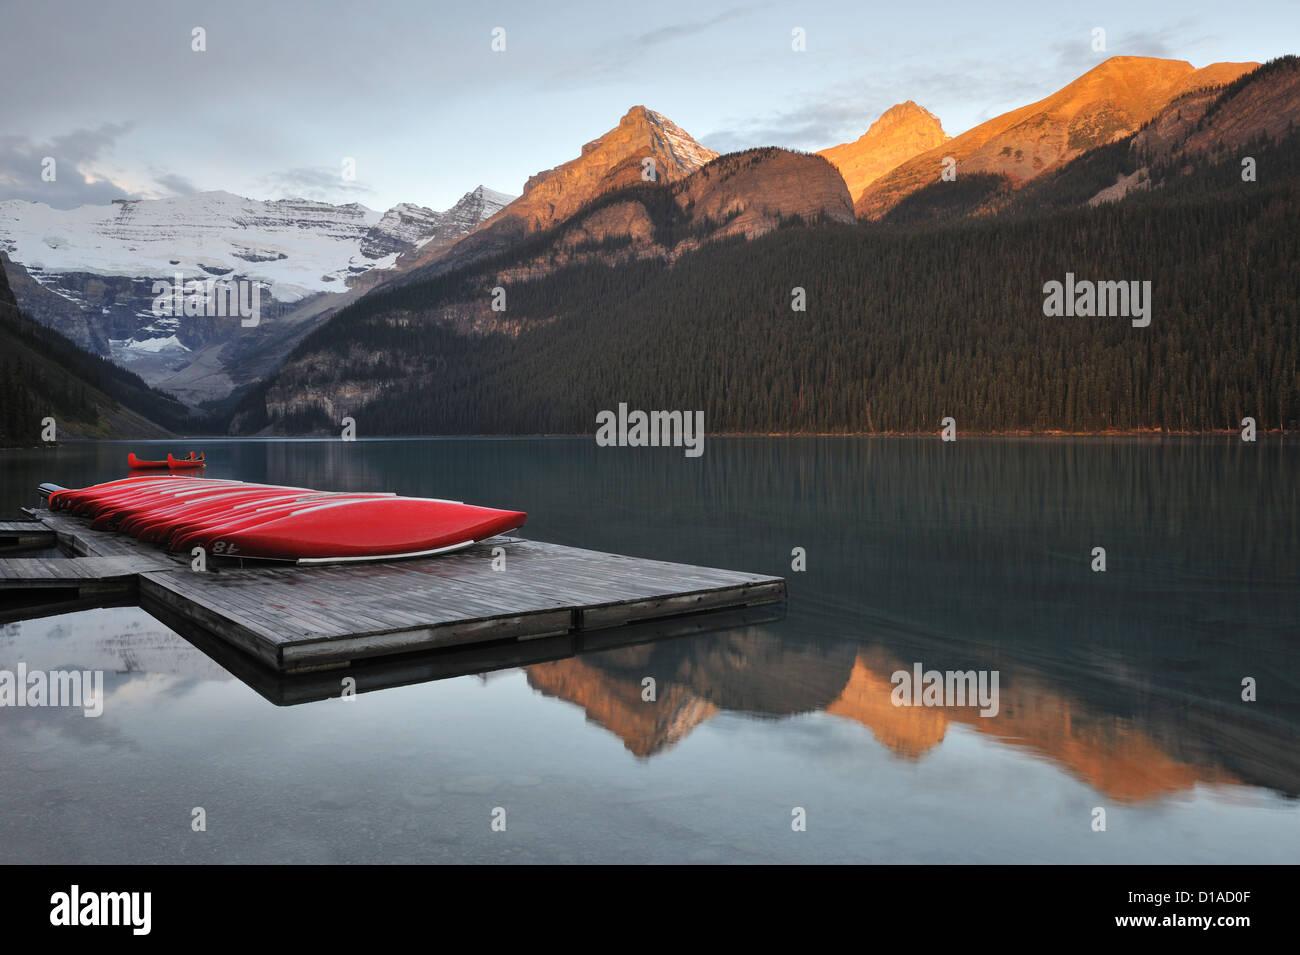 Red canoe, Lago Louise, il Parco Nazionale di Banff, Alberta, Canada Immagini Stock